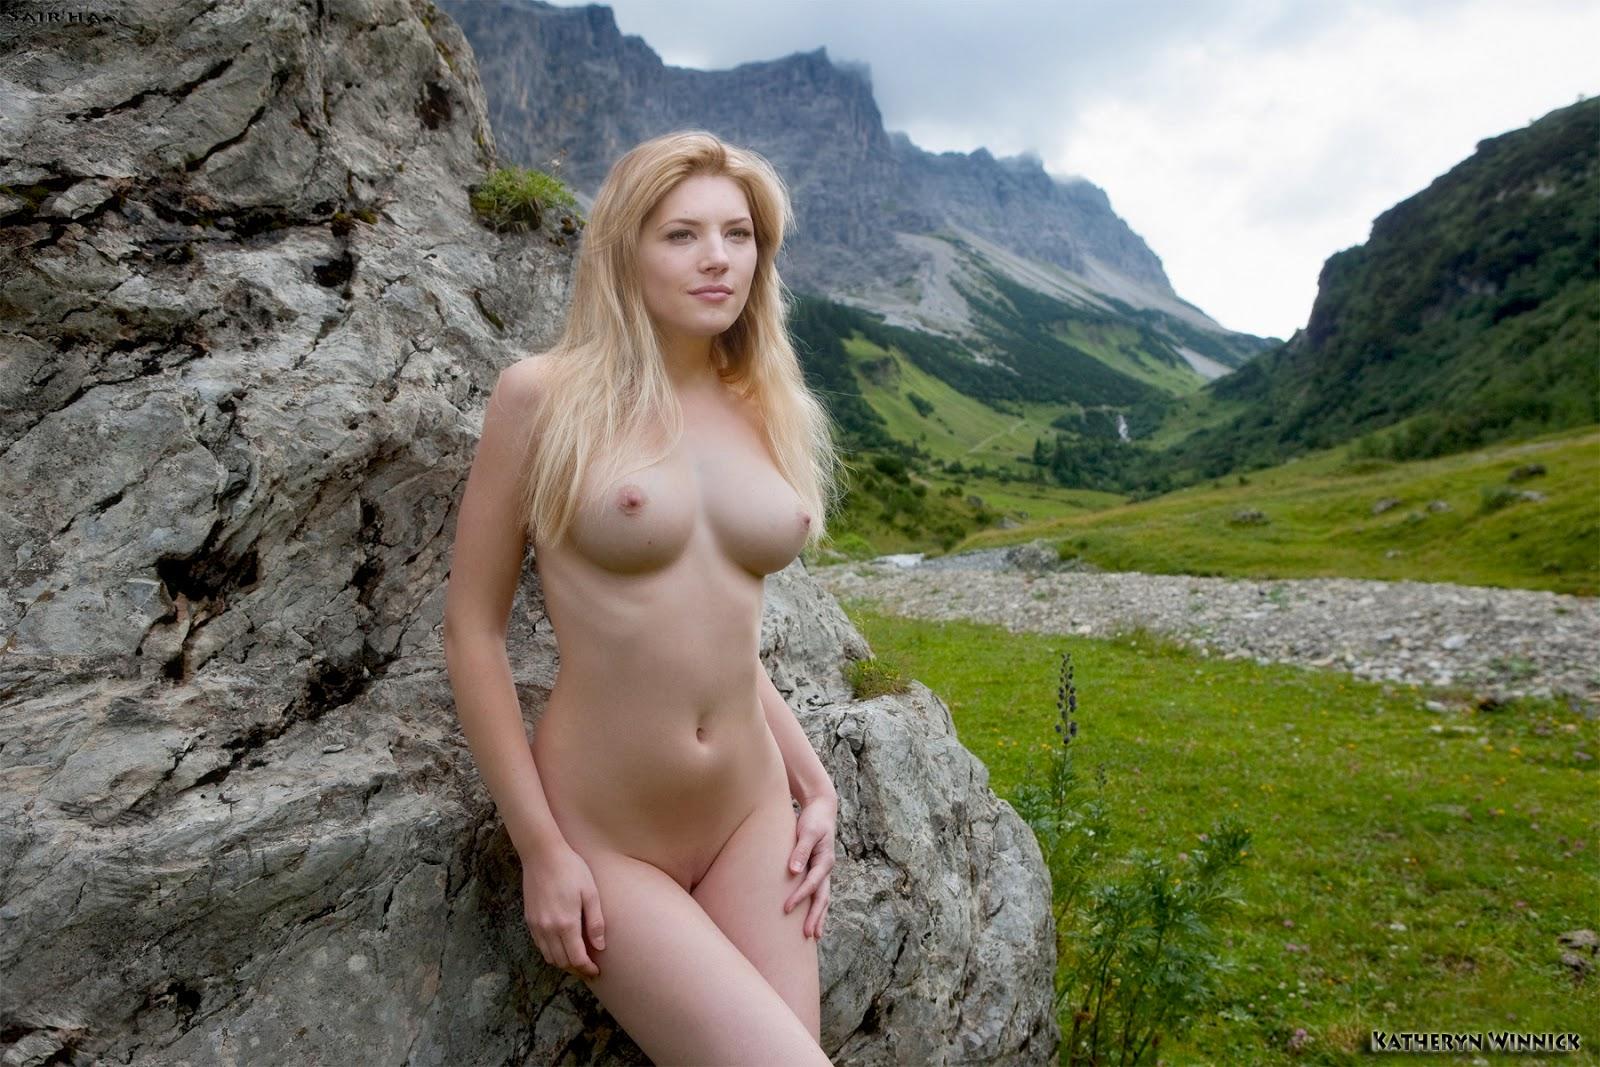 Кэтрин уинник порно фейк фото